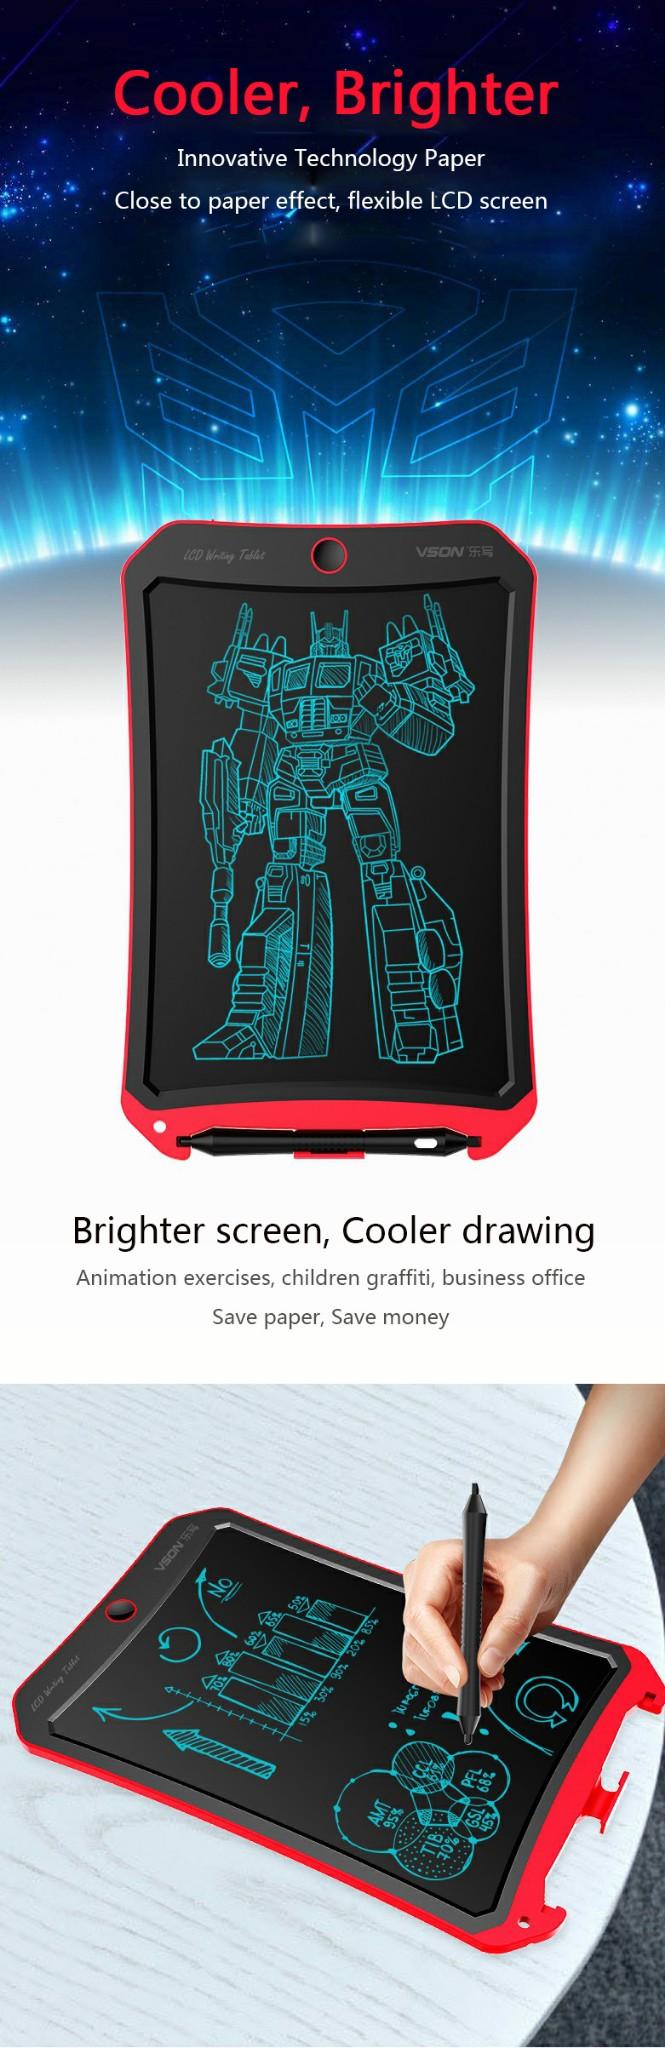 Bảng viết vẽ điện tử tự xóa và lưu dữ liệu vào thiết bị Android, iPhone, iPad TechPro Vson 10inch WP9316 3